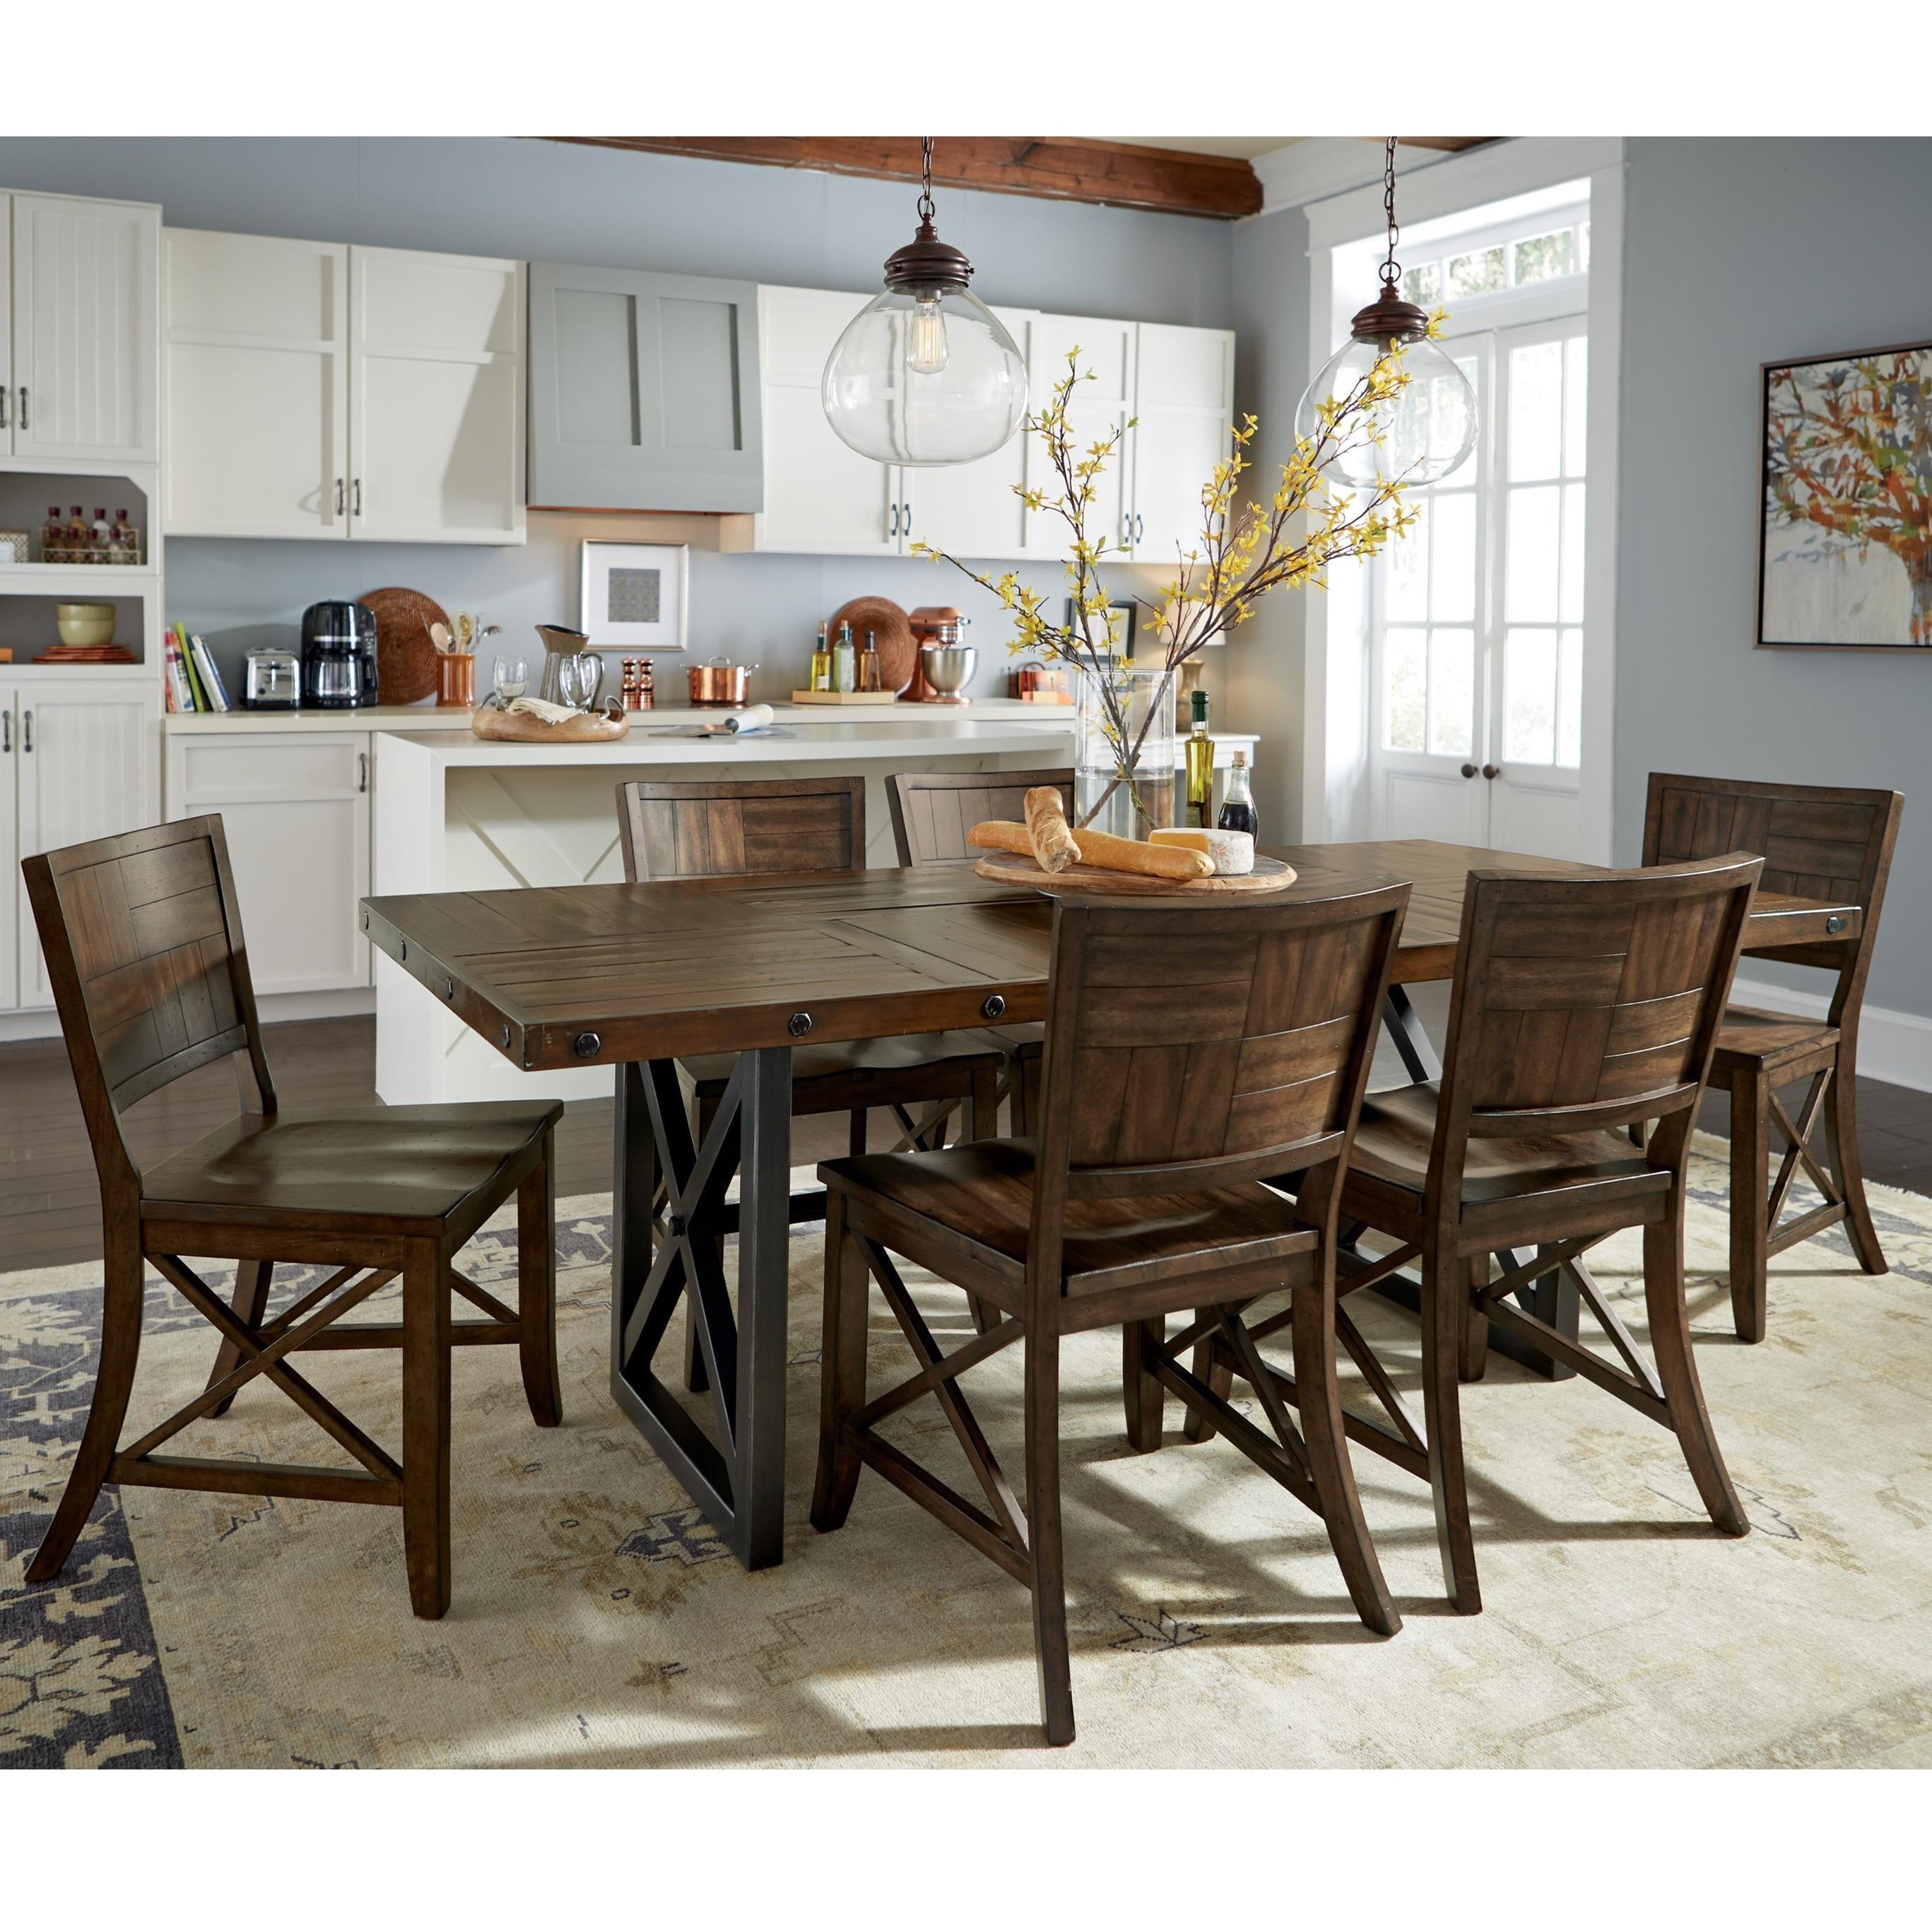 flexsteel wynwood collection carpenter 7 piece dining set with trestle table olinde 39 s. Black Bedroom Furniture Sets. Home Design Ideas